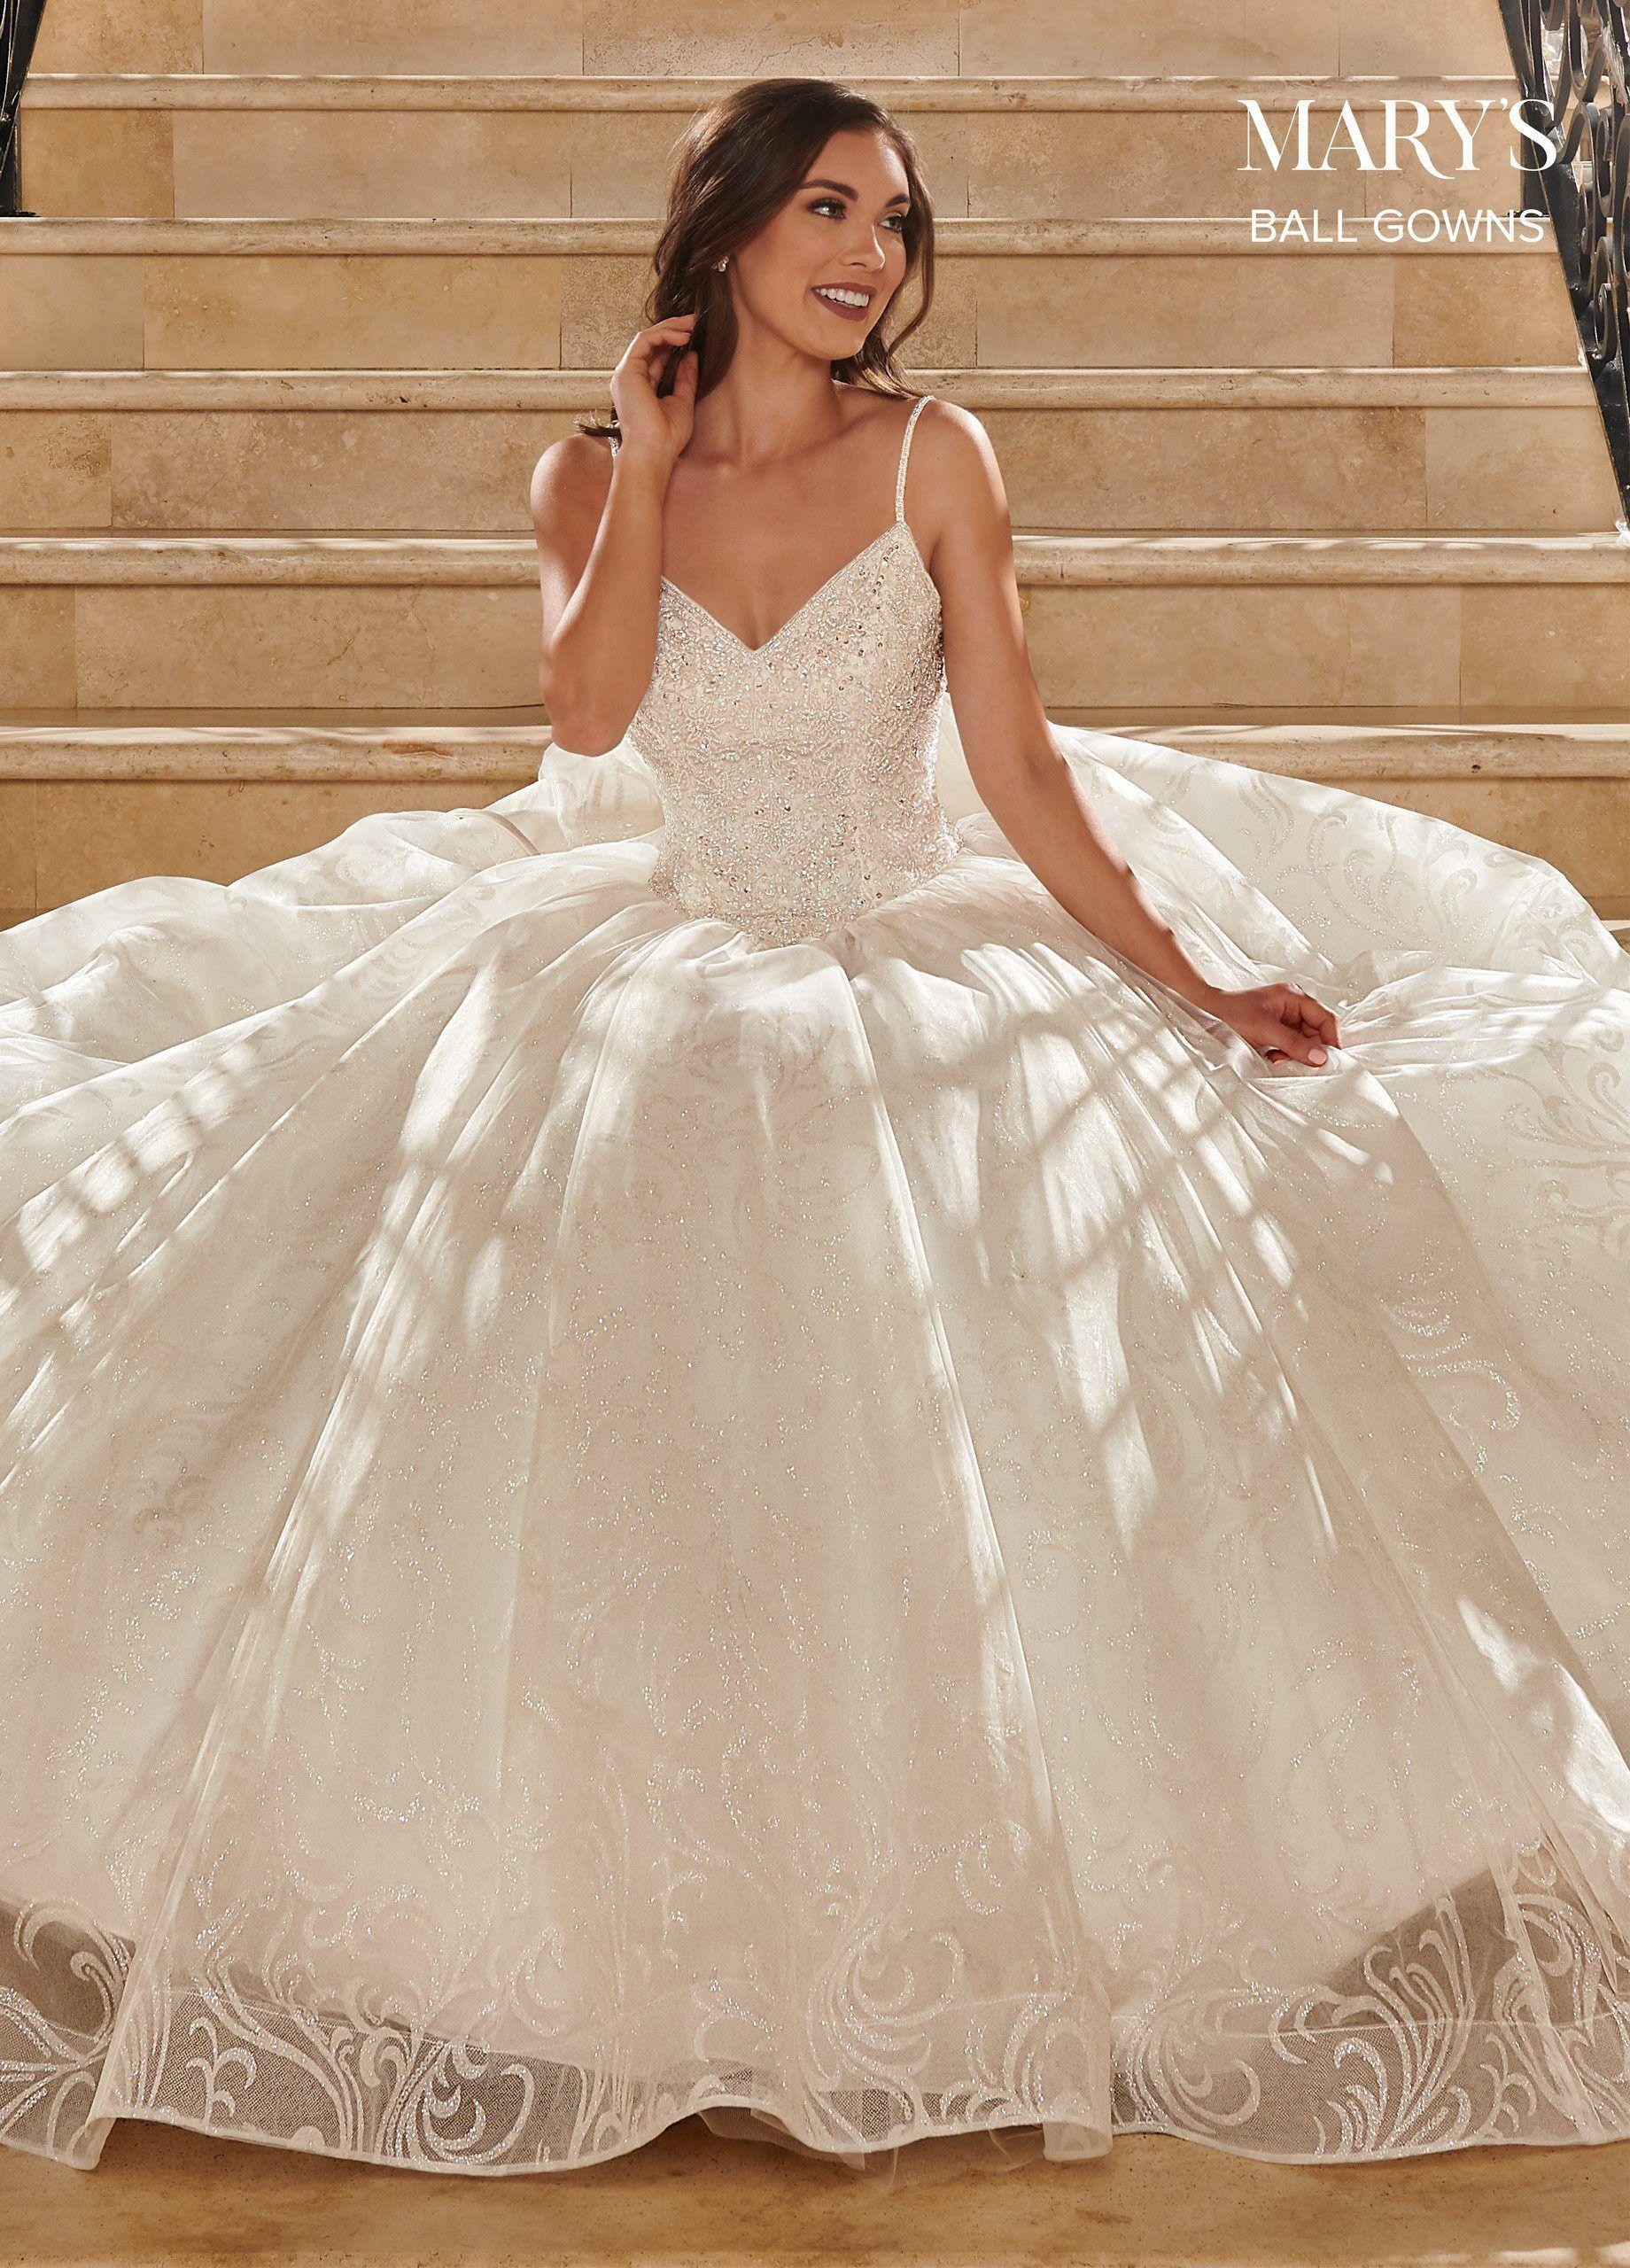 Robe de bal de mariage en tulle scintillant par Mary's Bridal MB6071 – 16 / ivoire   – Products